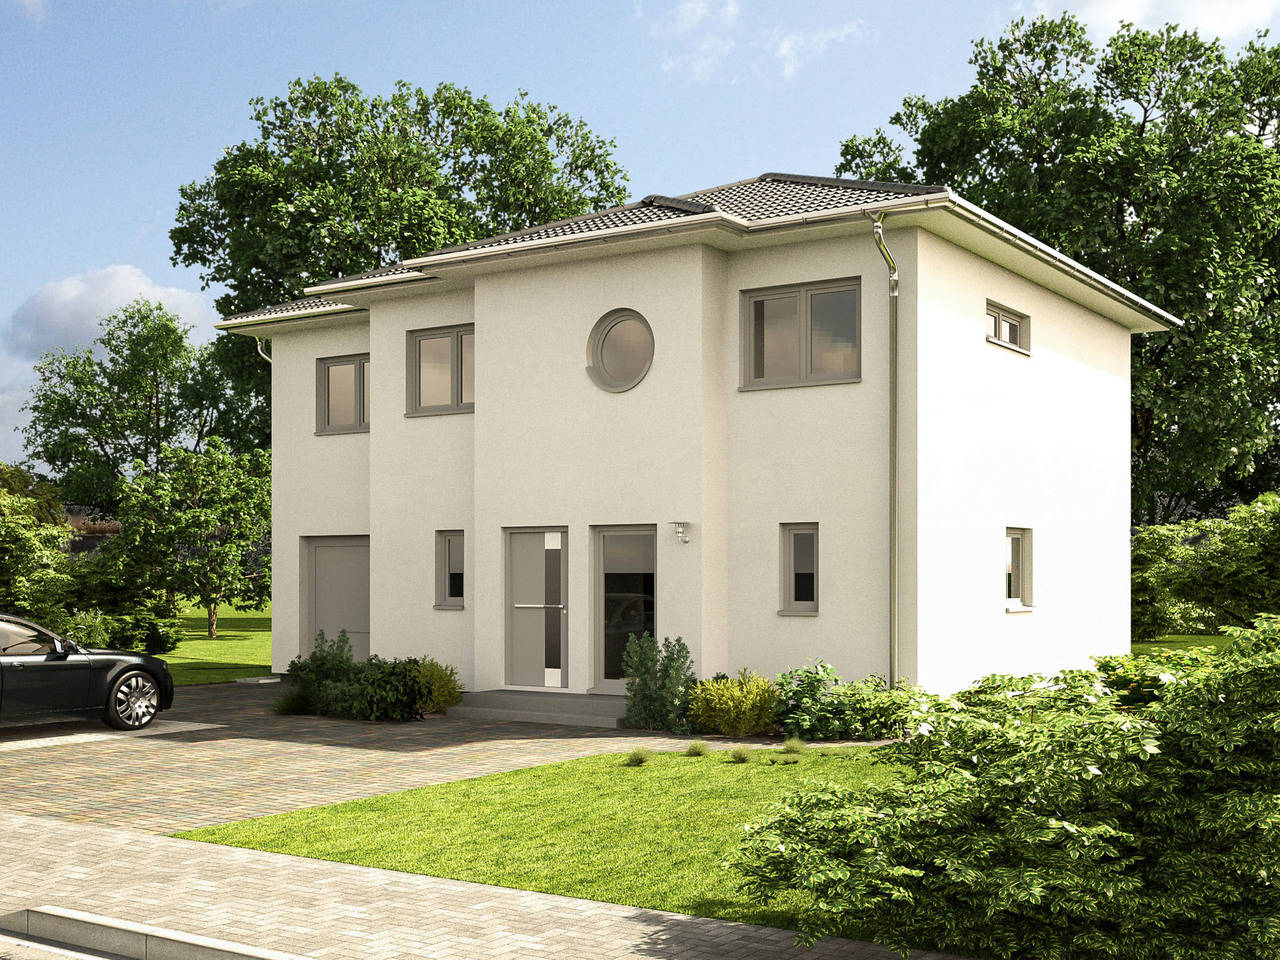 Stadtvilla EOS 161 von Bärenhaus